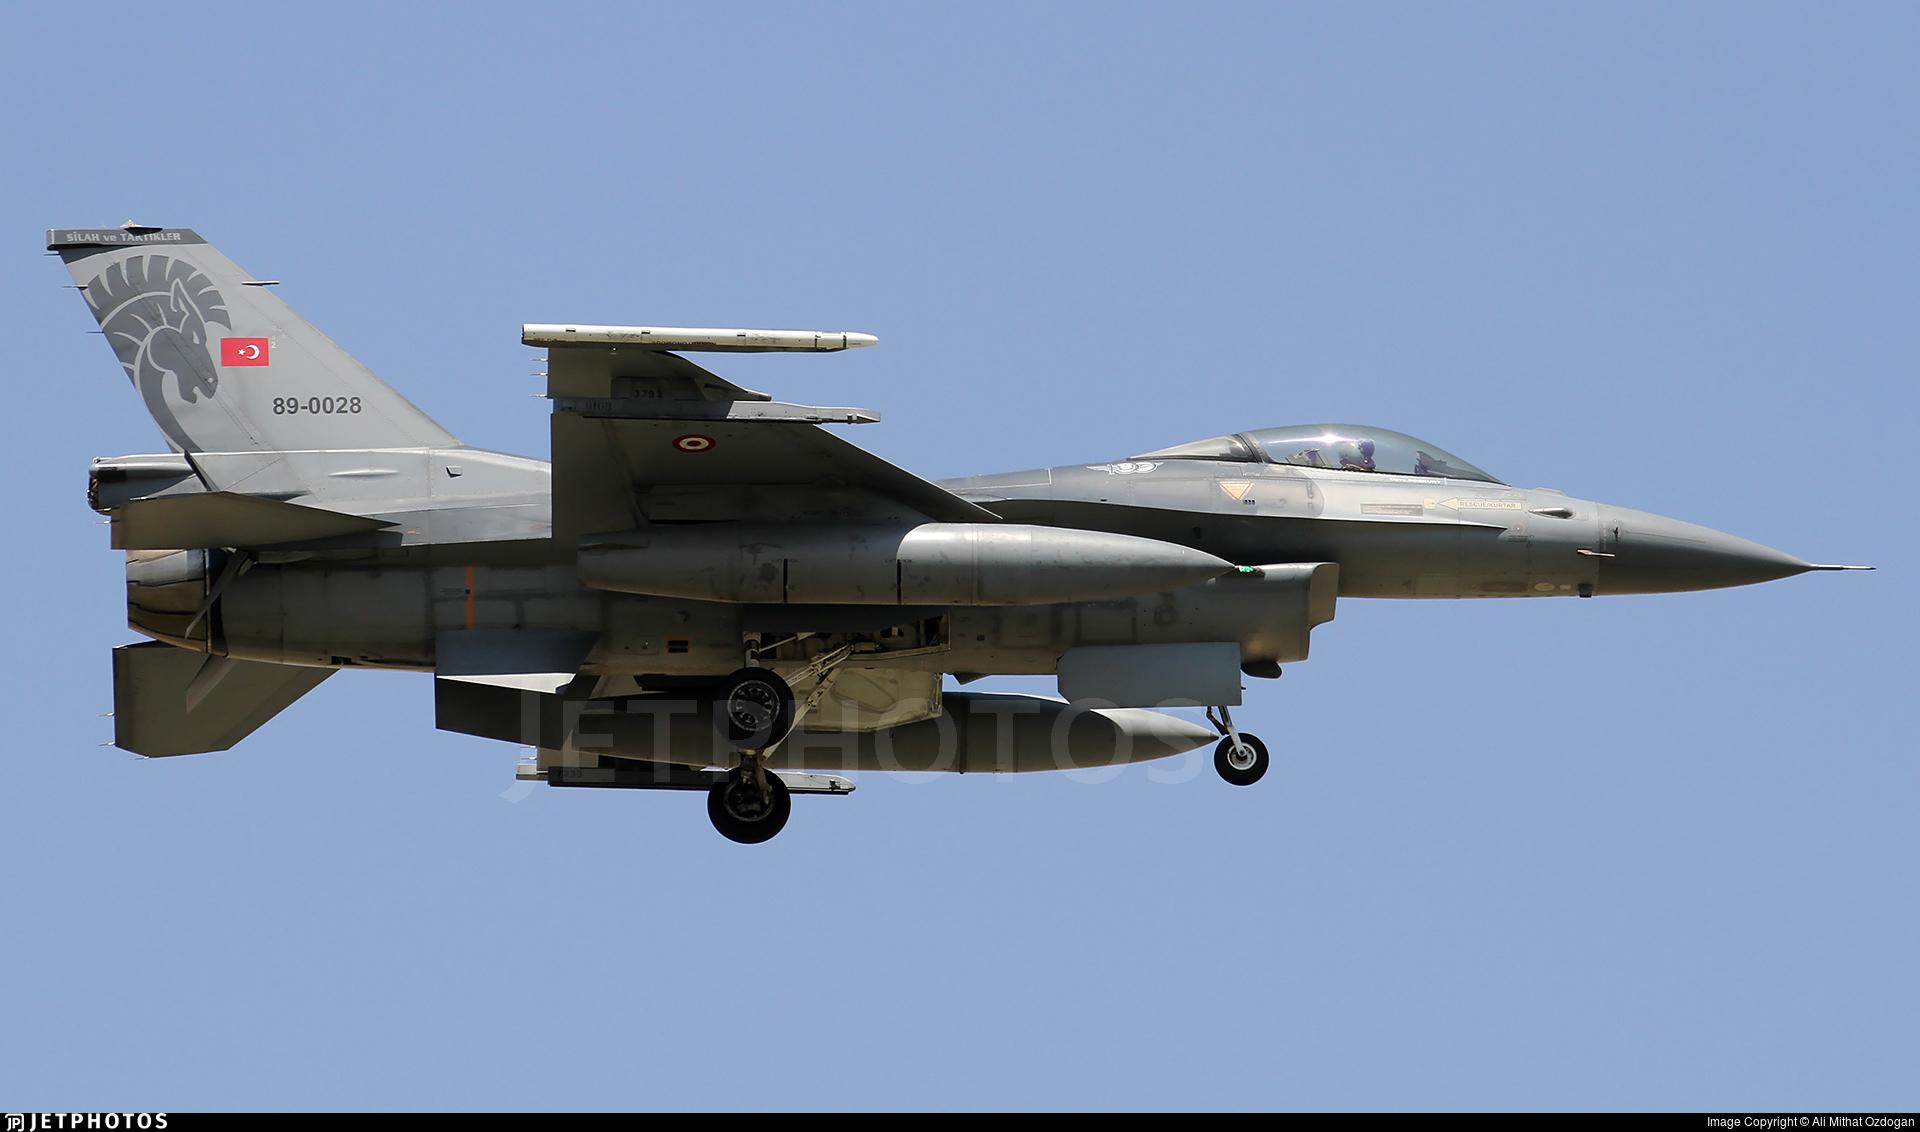 89-0028 - General Dynamics F-16CG Fighting Falcon - Turkey - Air Force